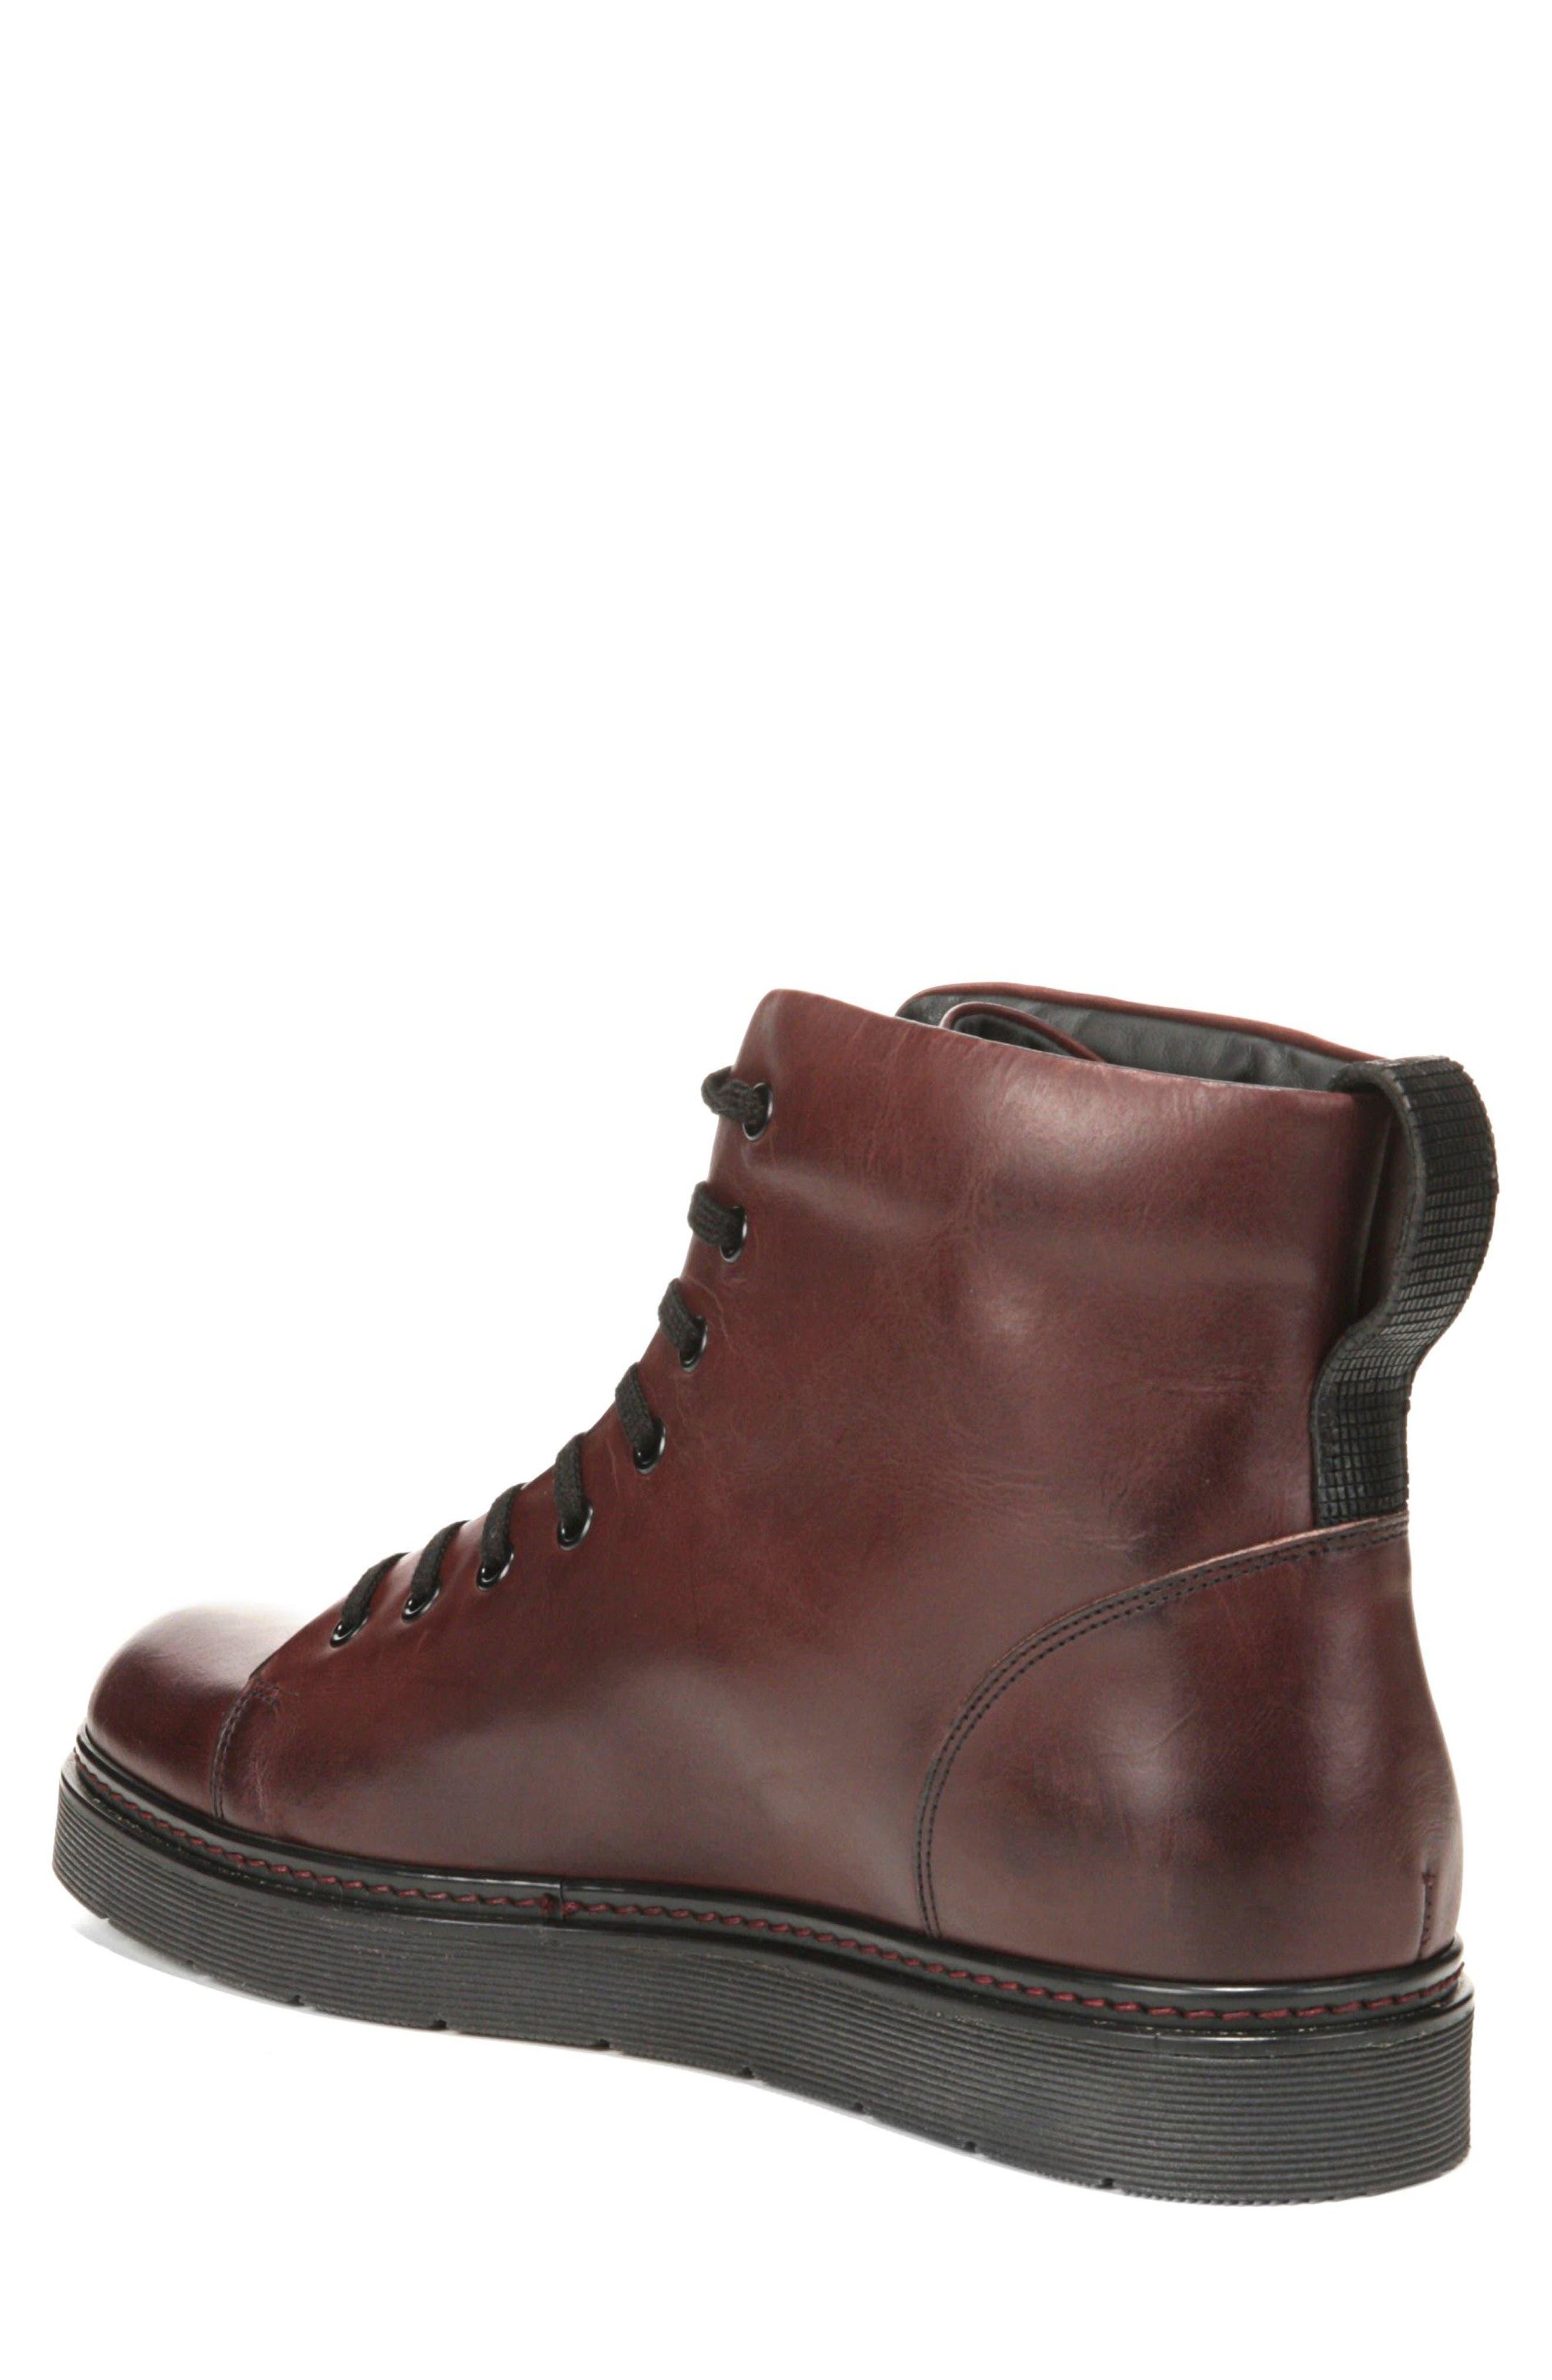 Malone Plain Toe Boot,                             Alternate thumbnail 4, color,